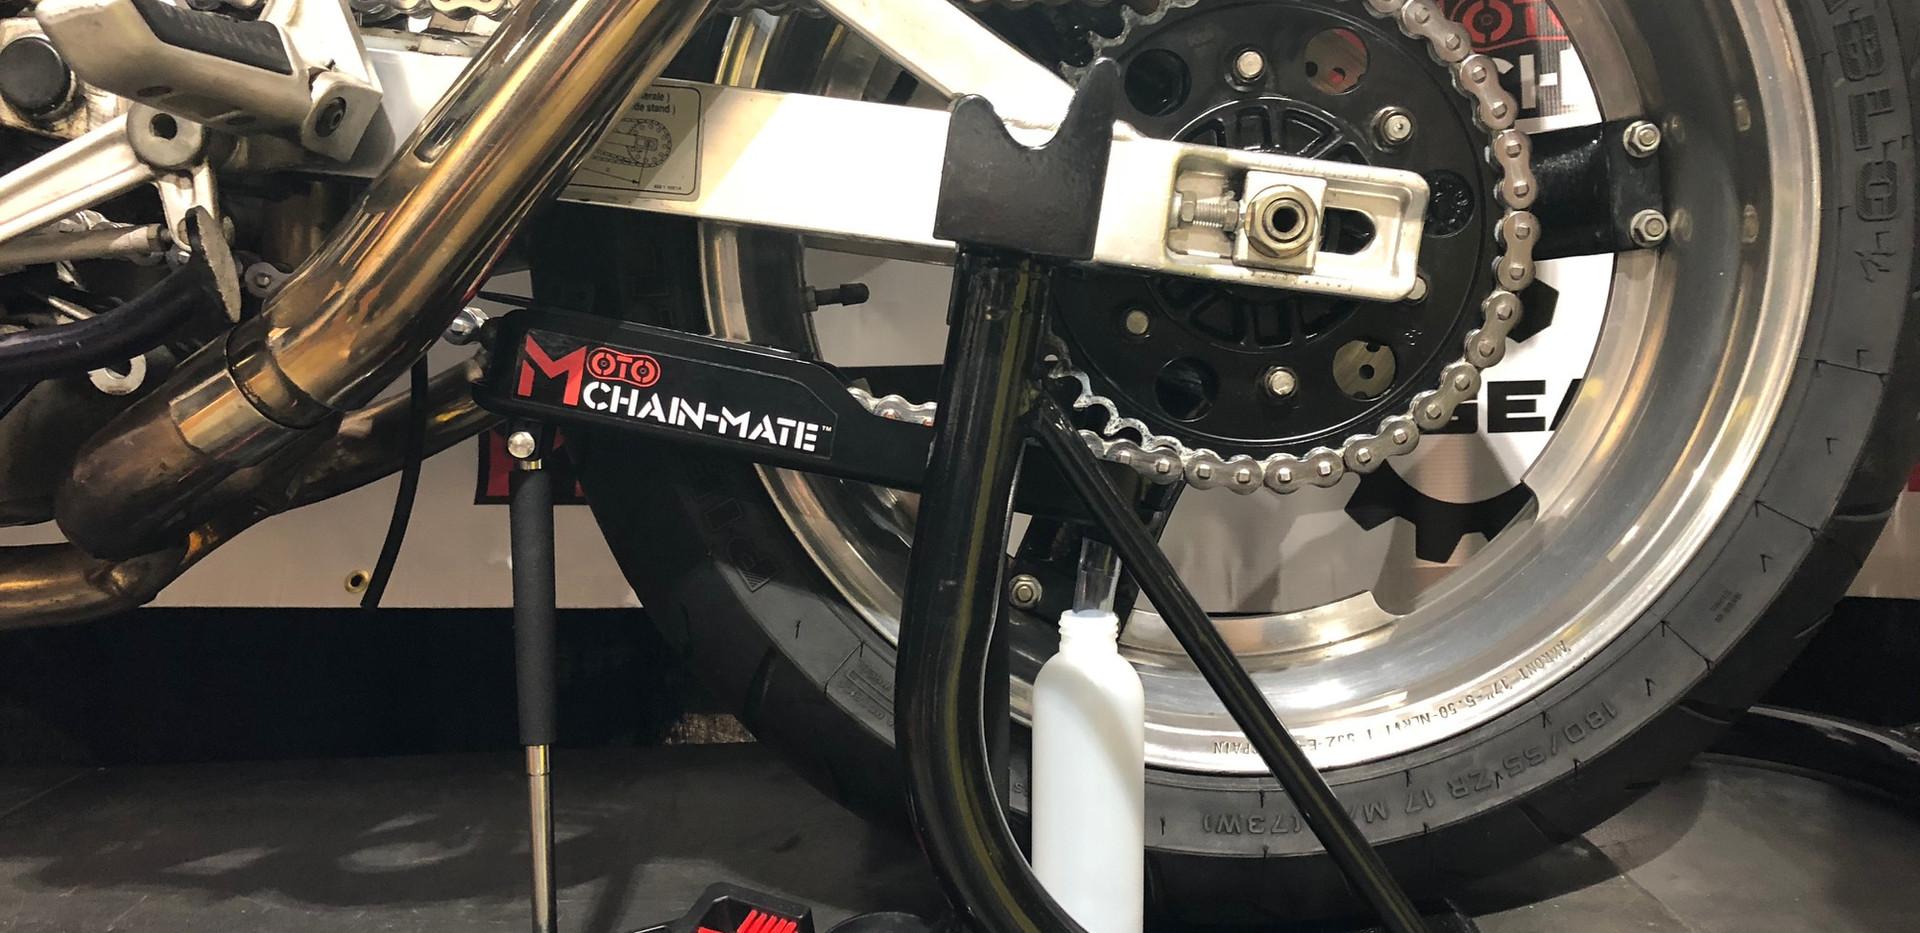 Moto Chain-Mate 90.jpg